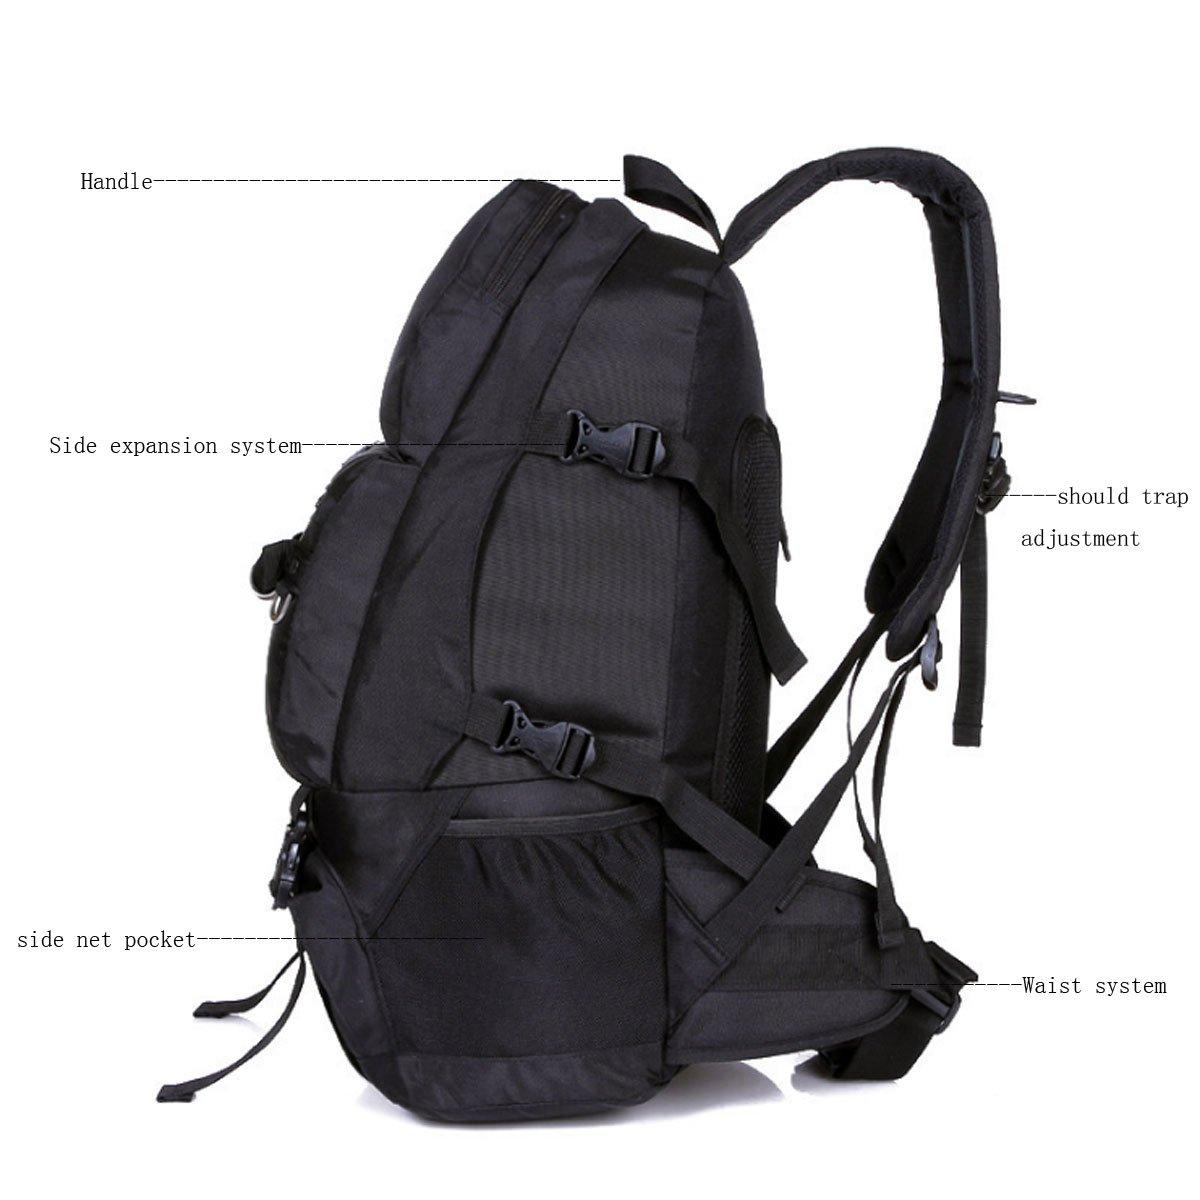 Mochila de trekking impermeable, mochila Locallion para hombre, 40 l / compartimento separado para zapatos, mochila de trekking para camping, ...